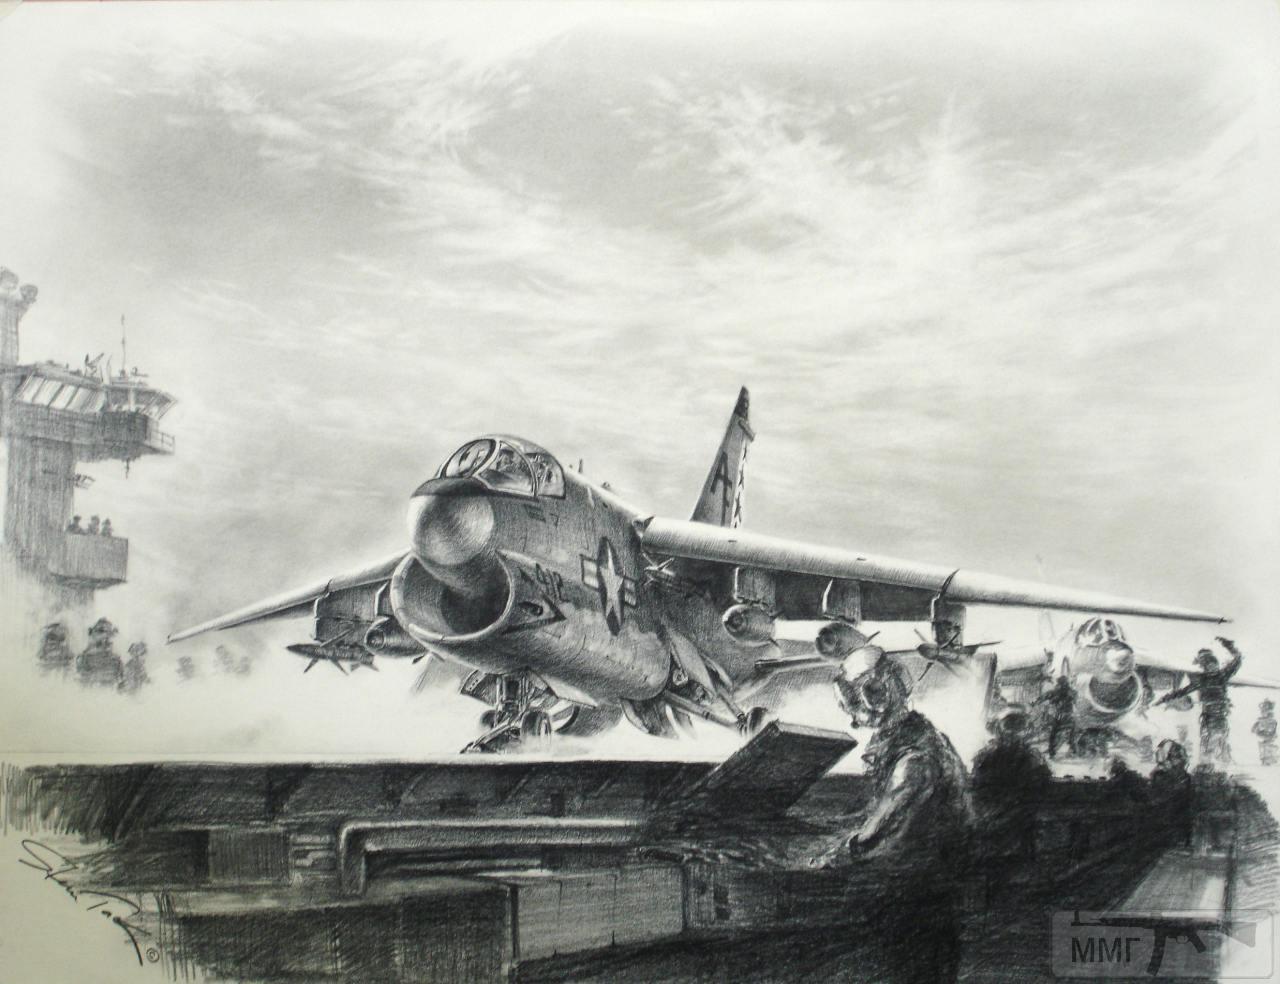 81096 - Художественные картины на авиационную тематику